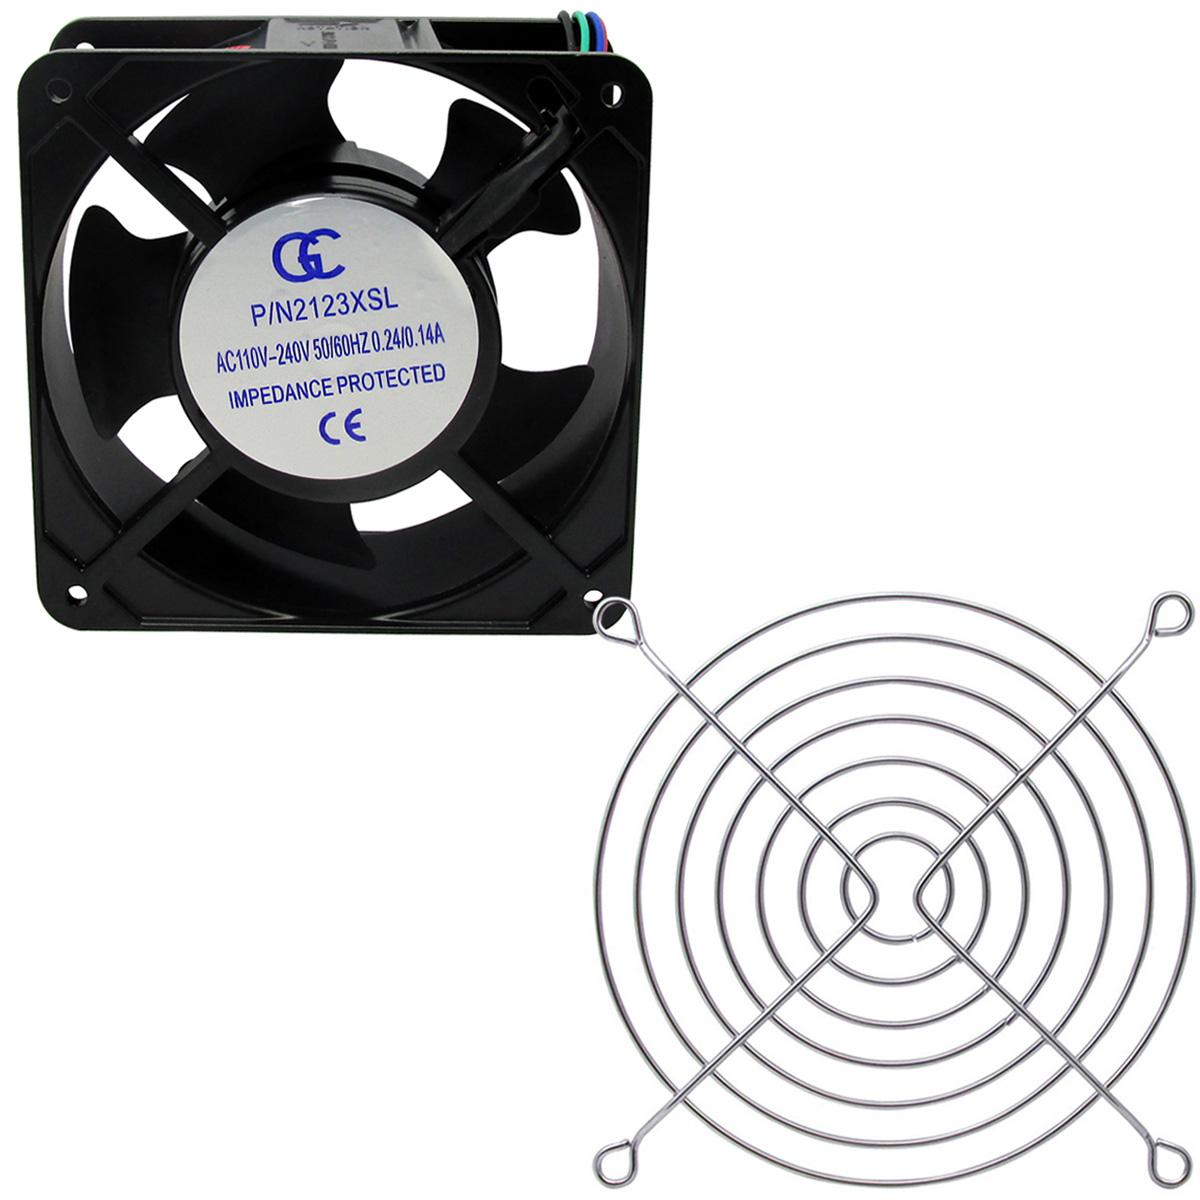 Ventilador Cooler Com Grade Gc Metalica 120x120x38 Bivolt